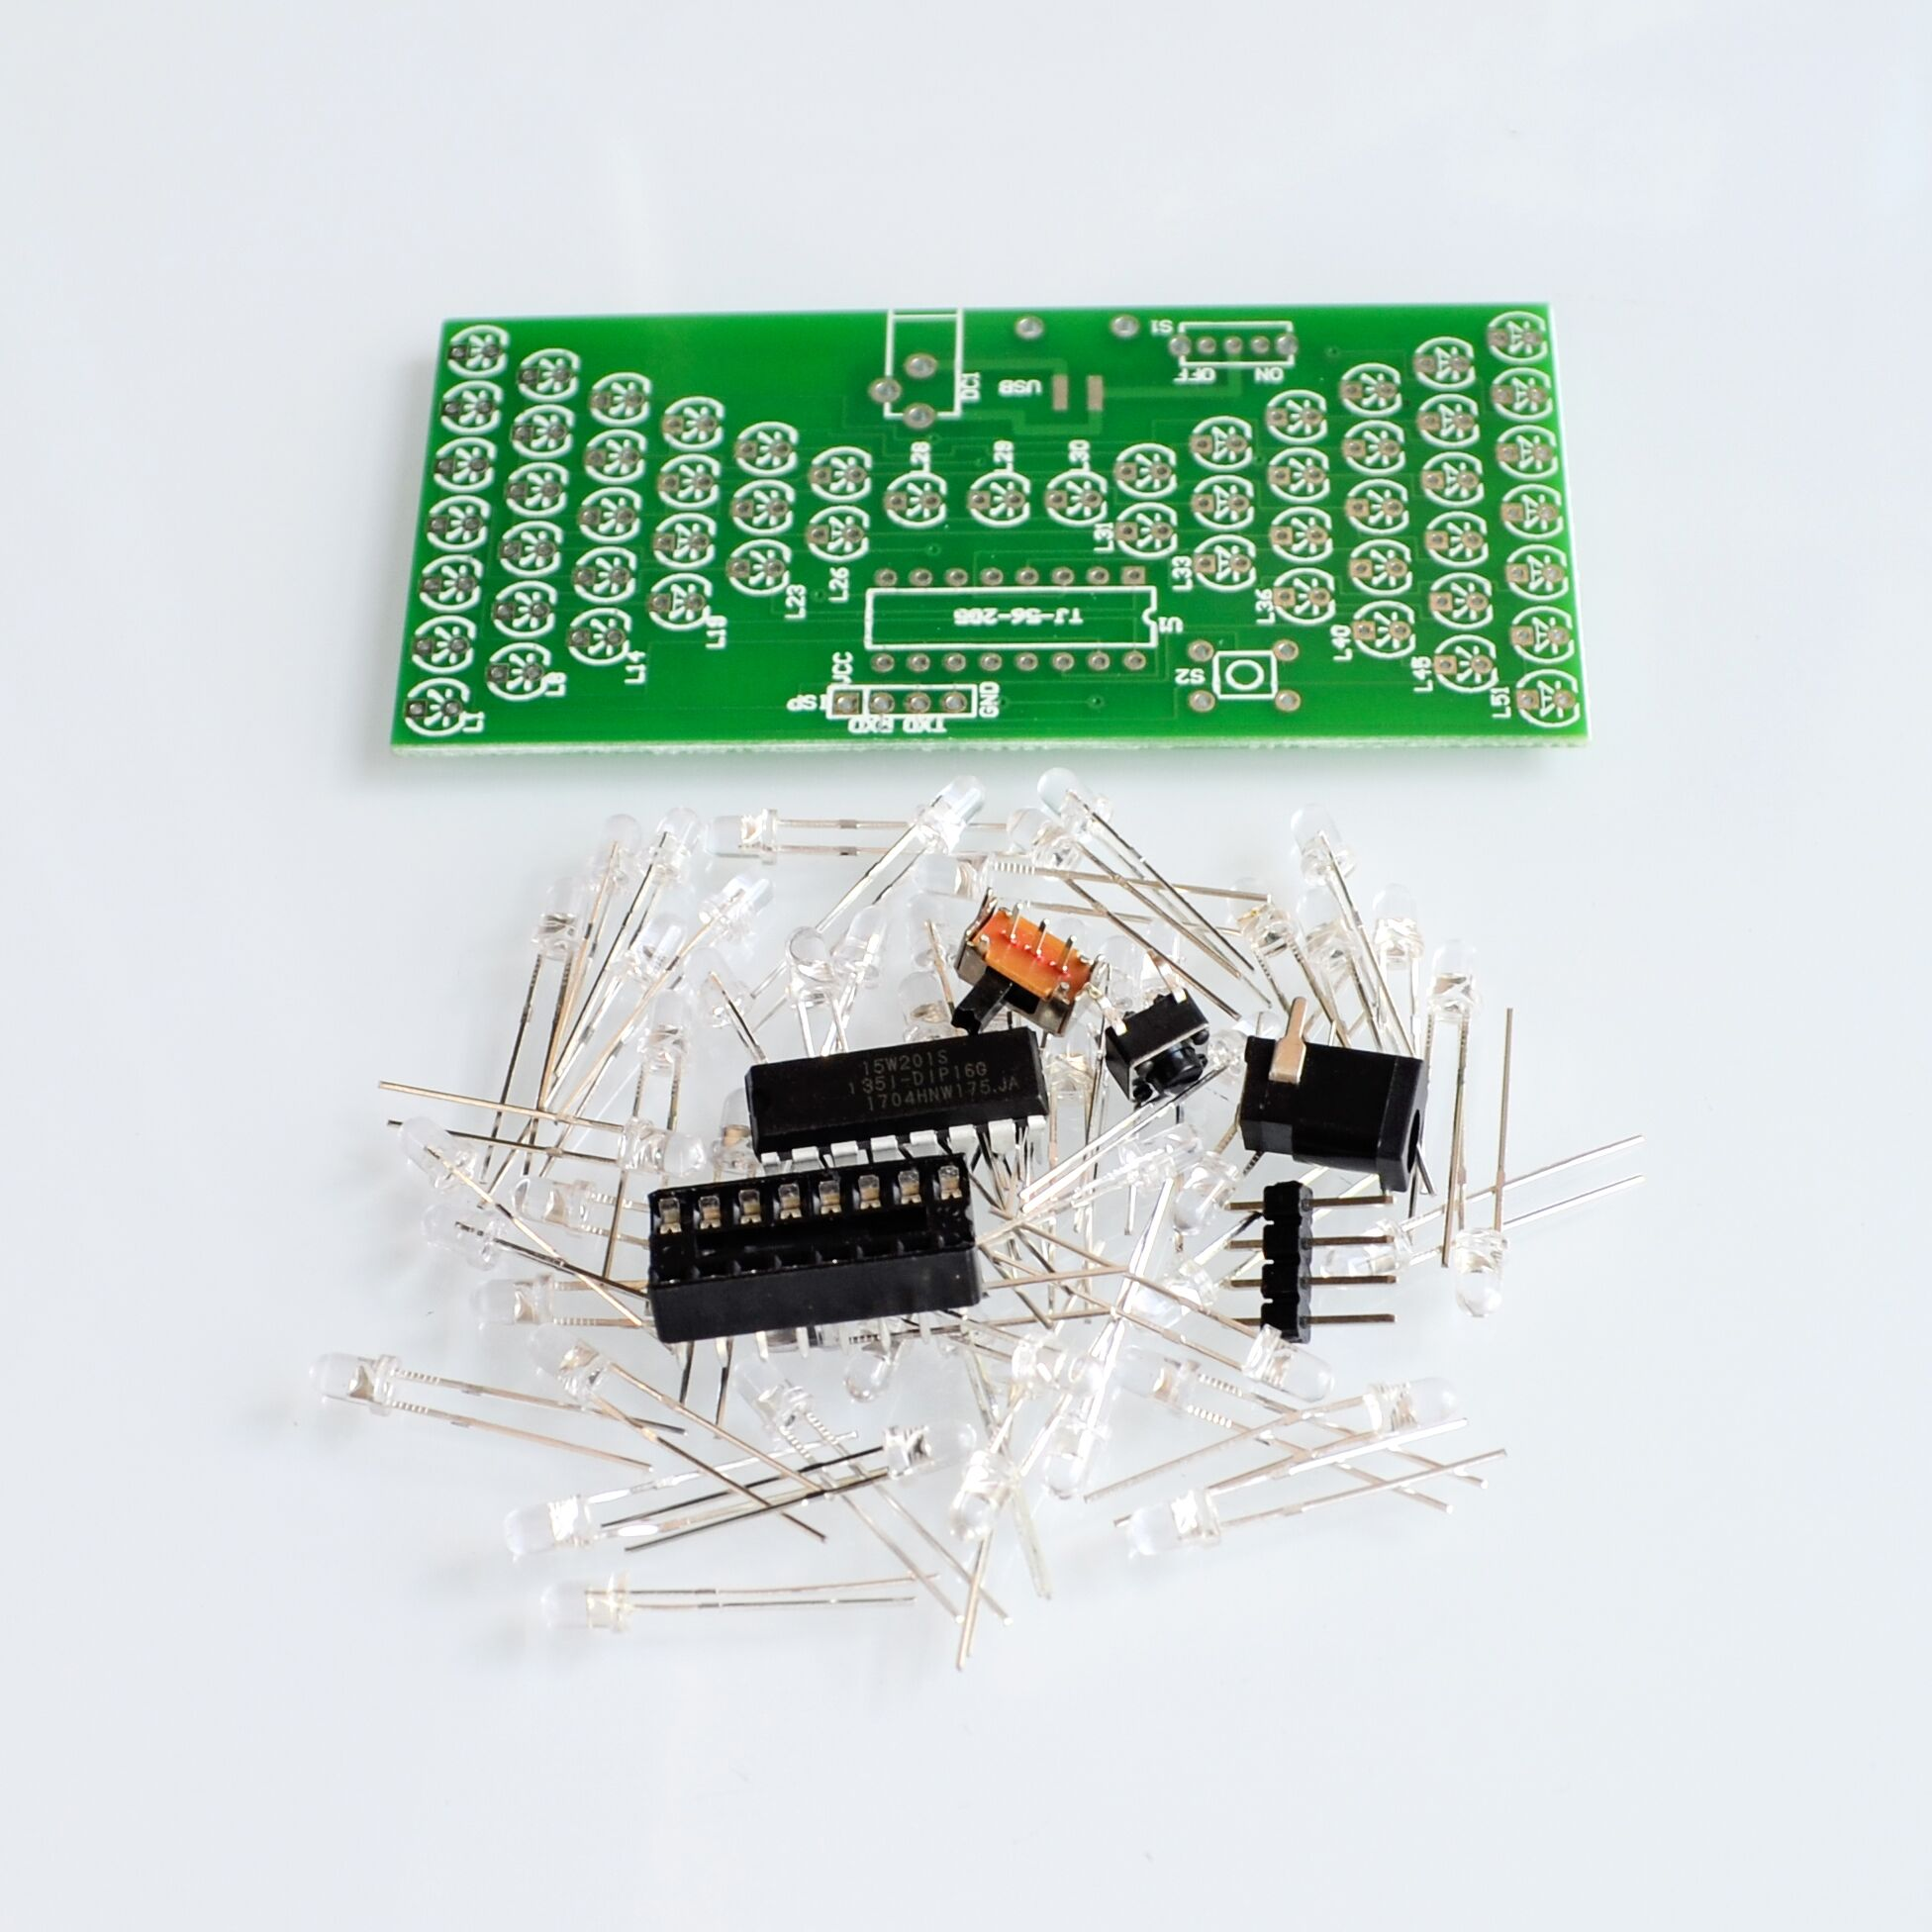 US $1.15 5% СКИДКА|5 в электронные песочные часы DIY Kit Забавные электрические производственные наборы точные со светодиодными лампами двухслойная печатная плата 84*40 мм|diy kit|kit kits|kit diy - AliExpress